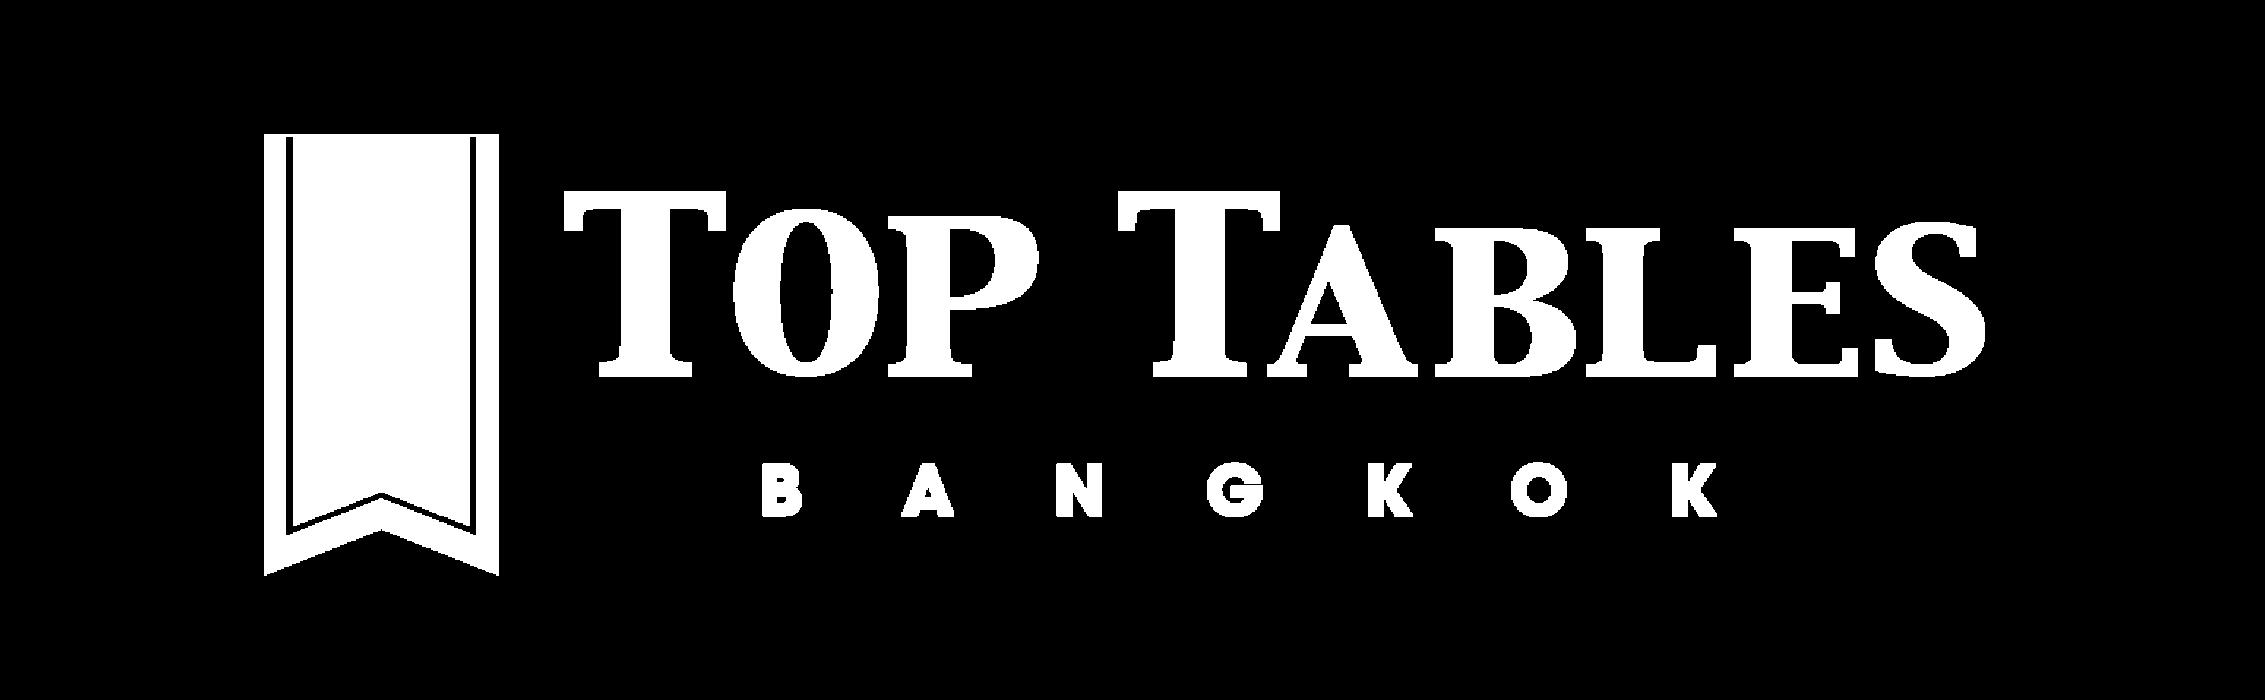 BK Magazine Online | The insider's guide to Bangkok